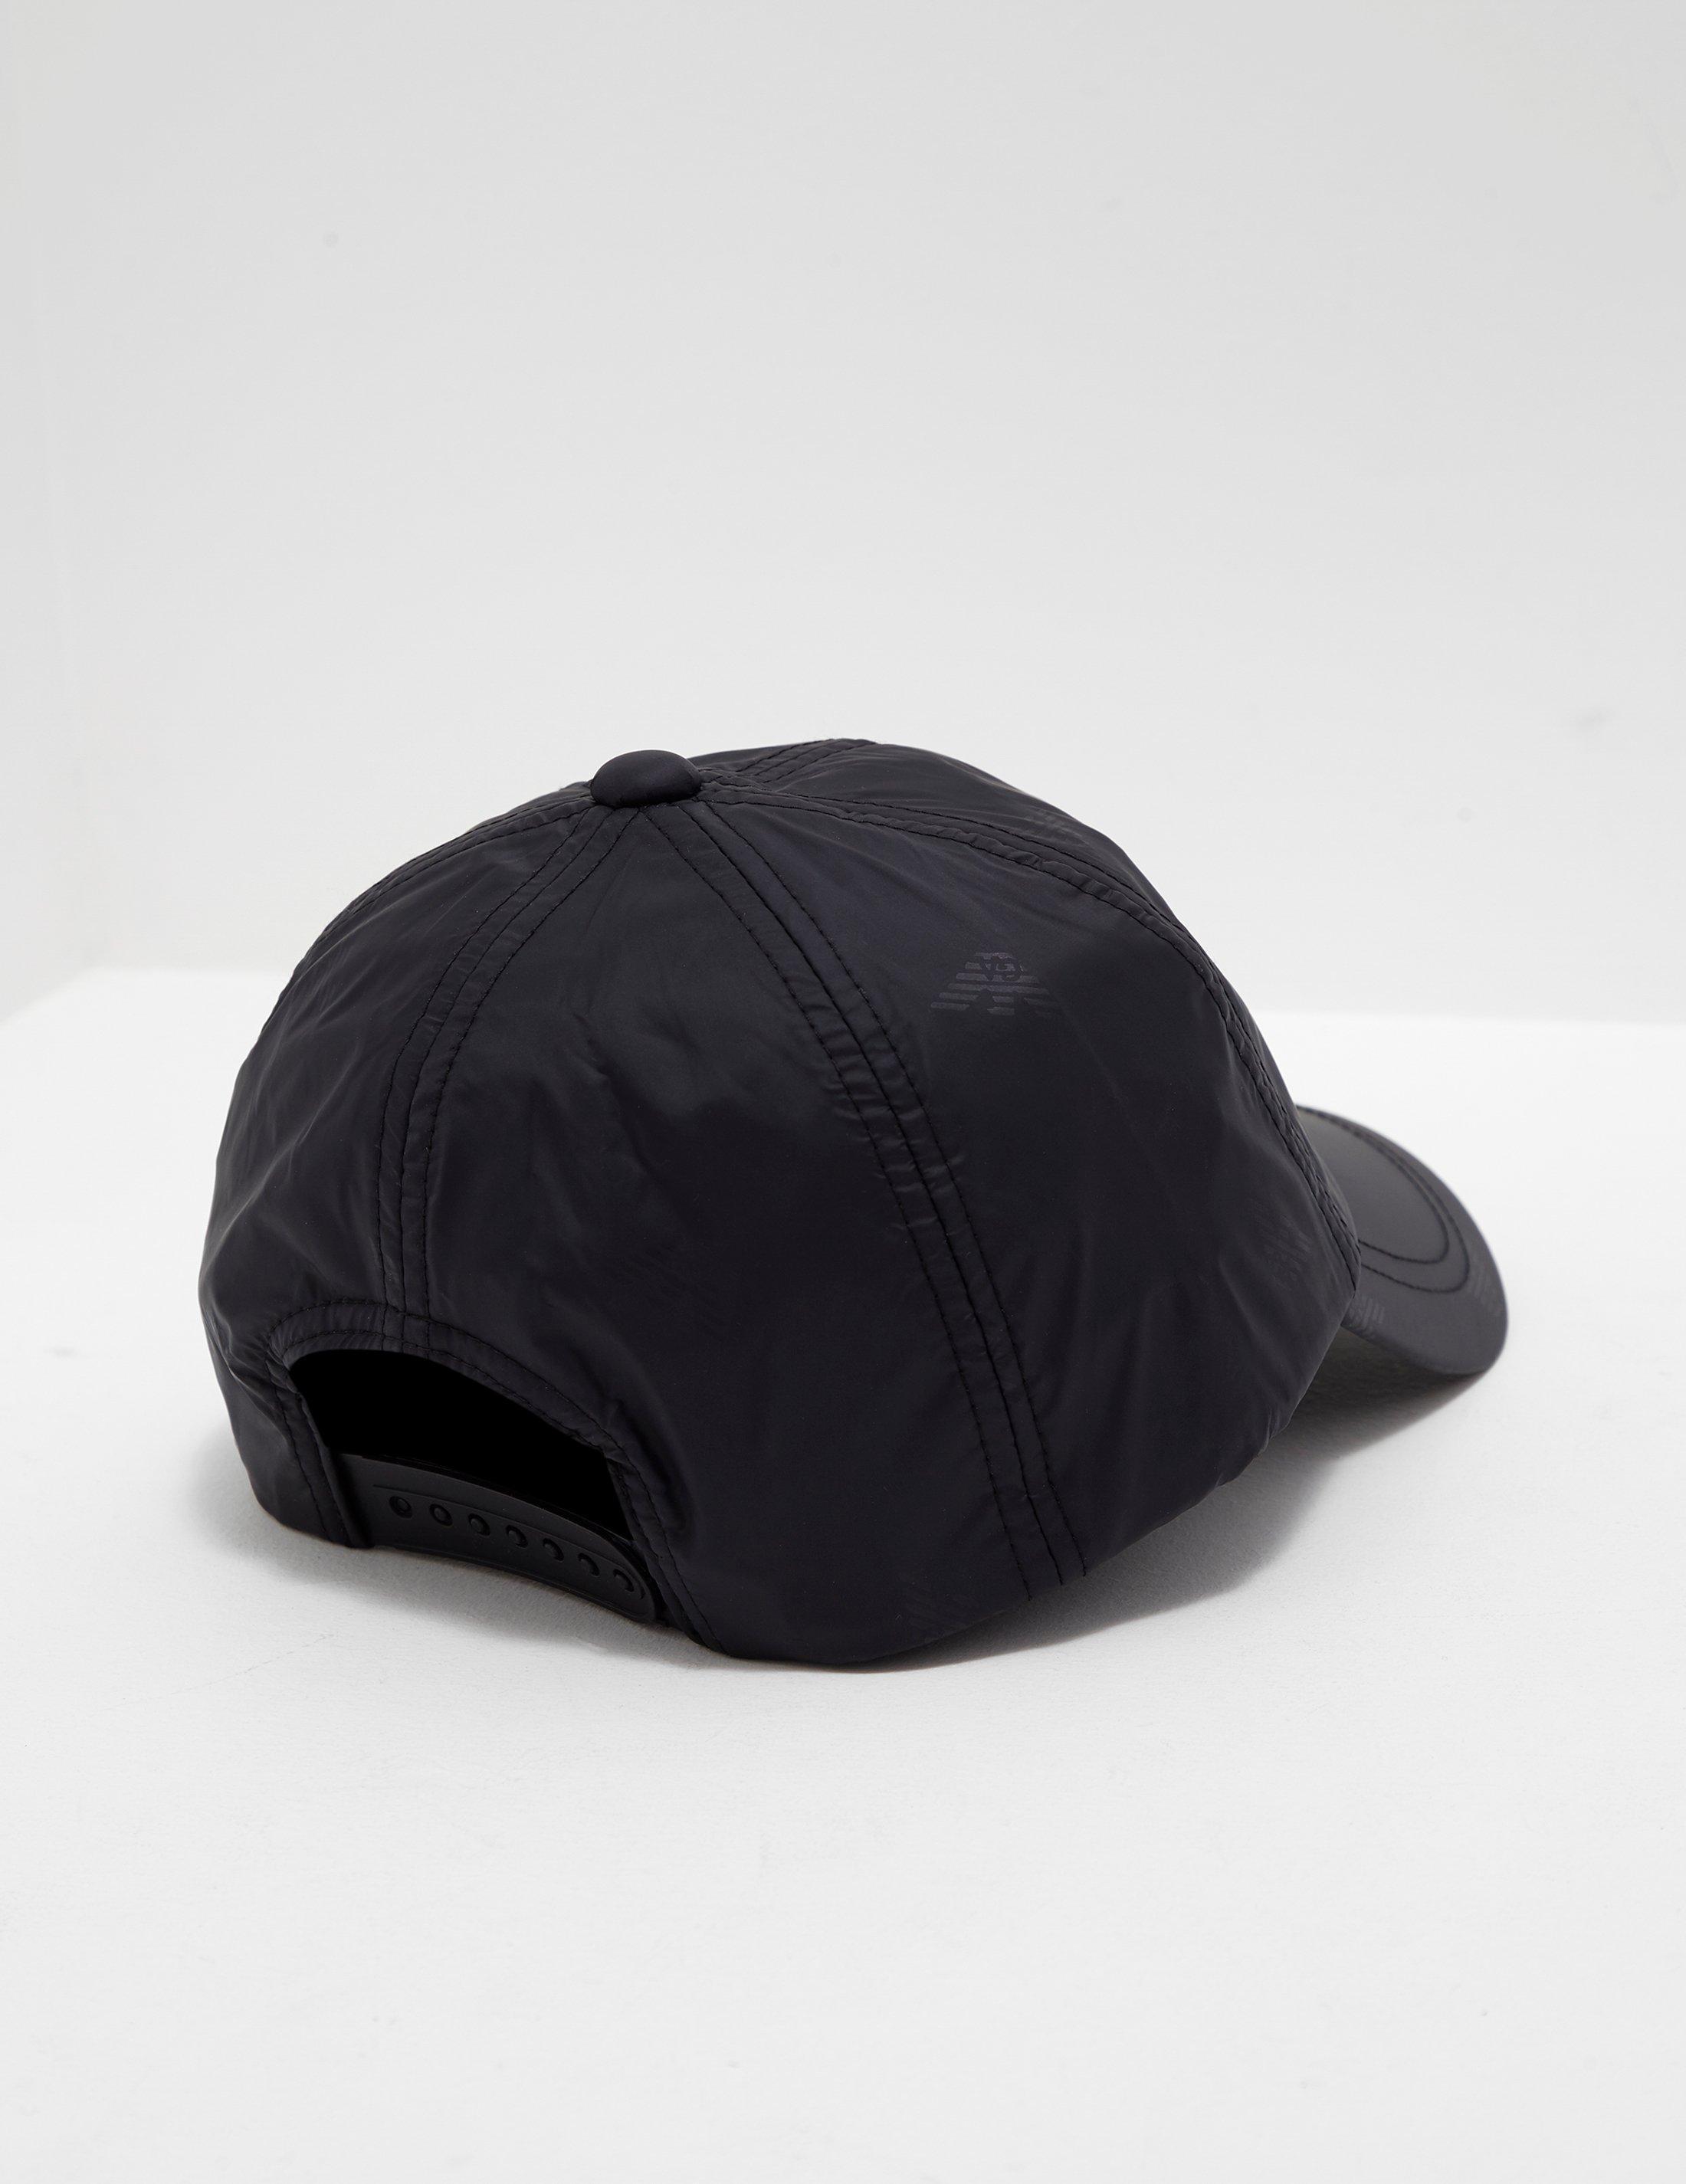 28ec7c3bc74 Lyst - Emporio Armani Mens Eagle Cap Black in Black for Men